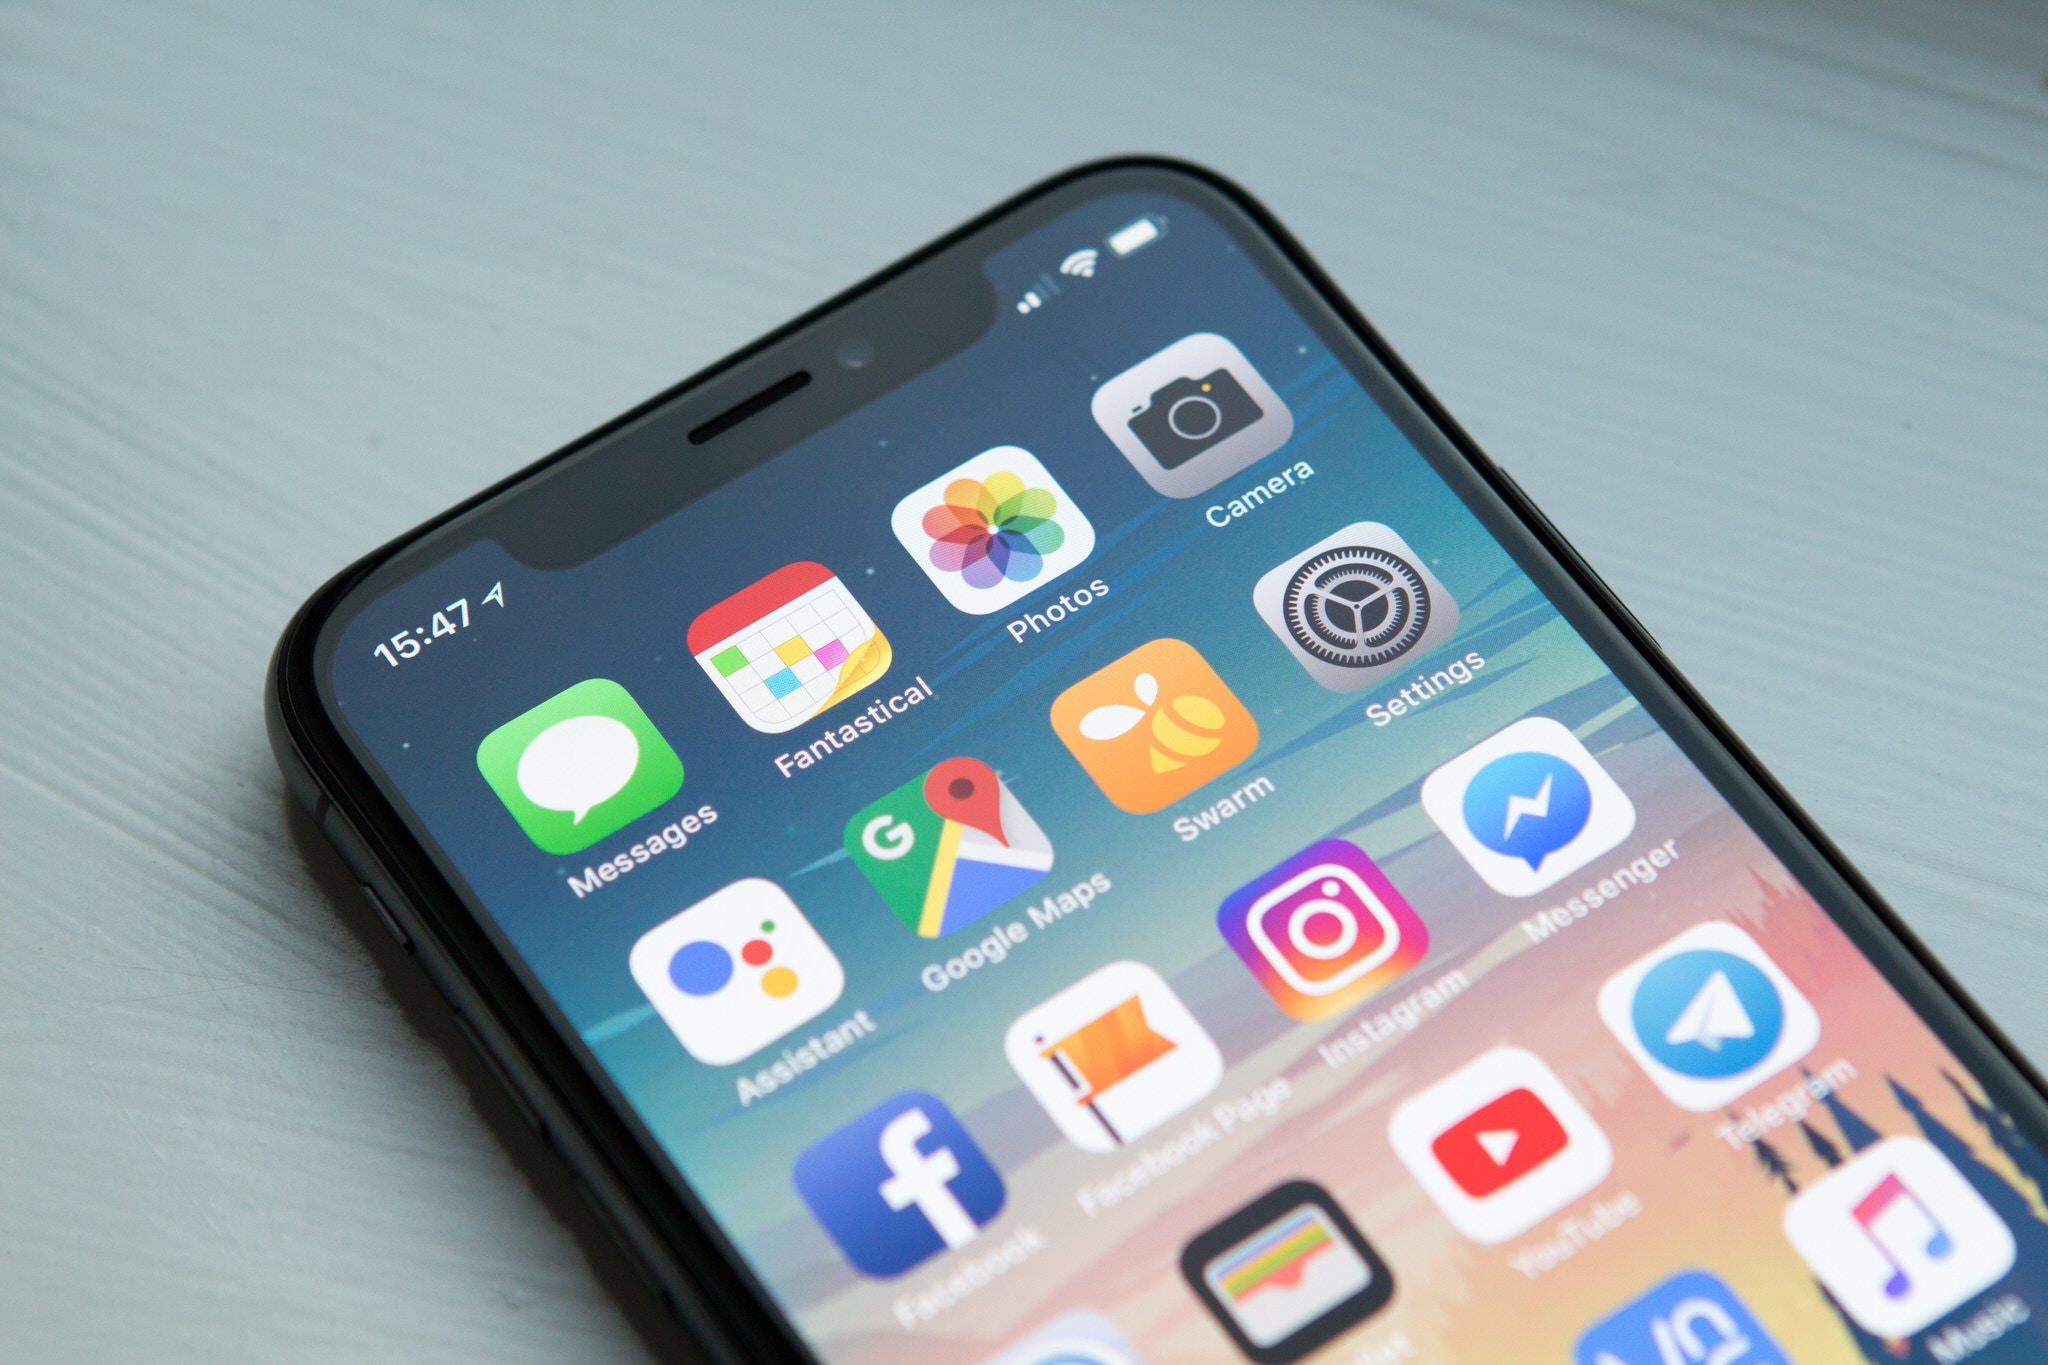 Hướng dẫn cách bật bong bóng chat cho ứng dụng Messenger trên iPhone